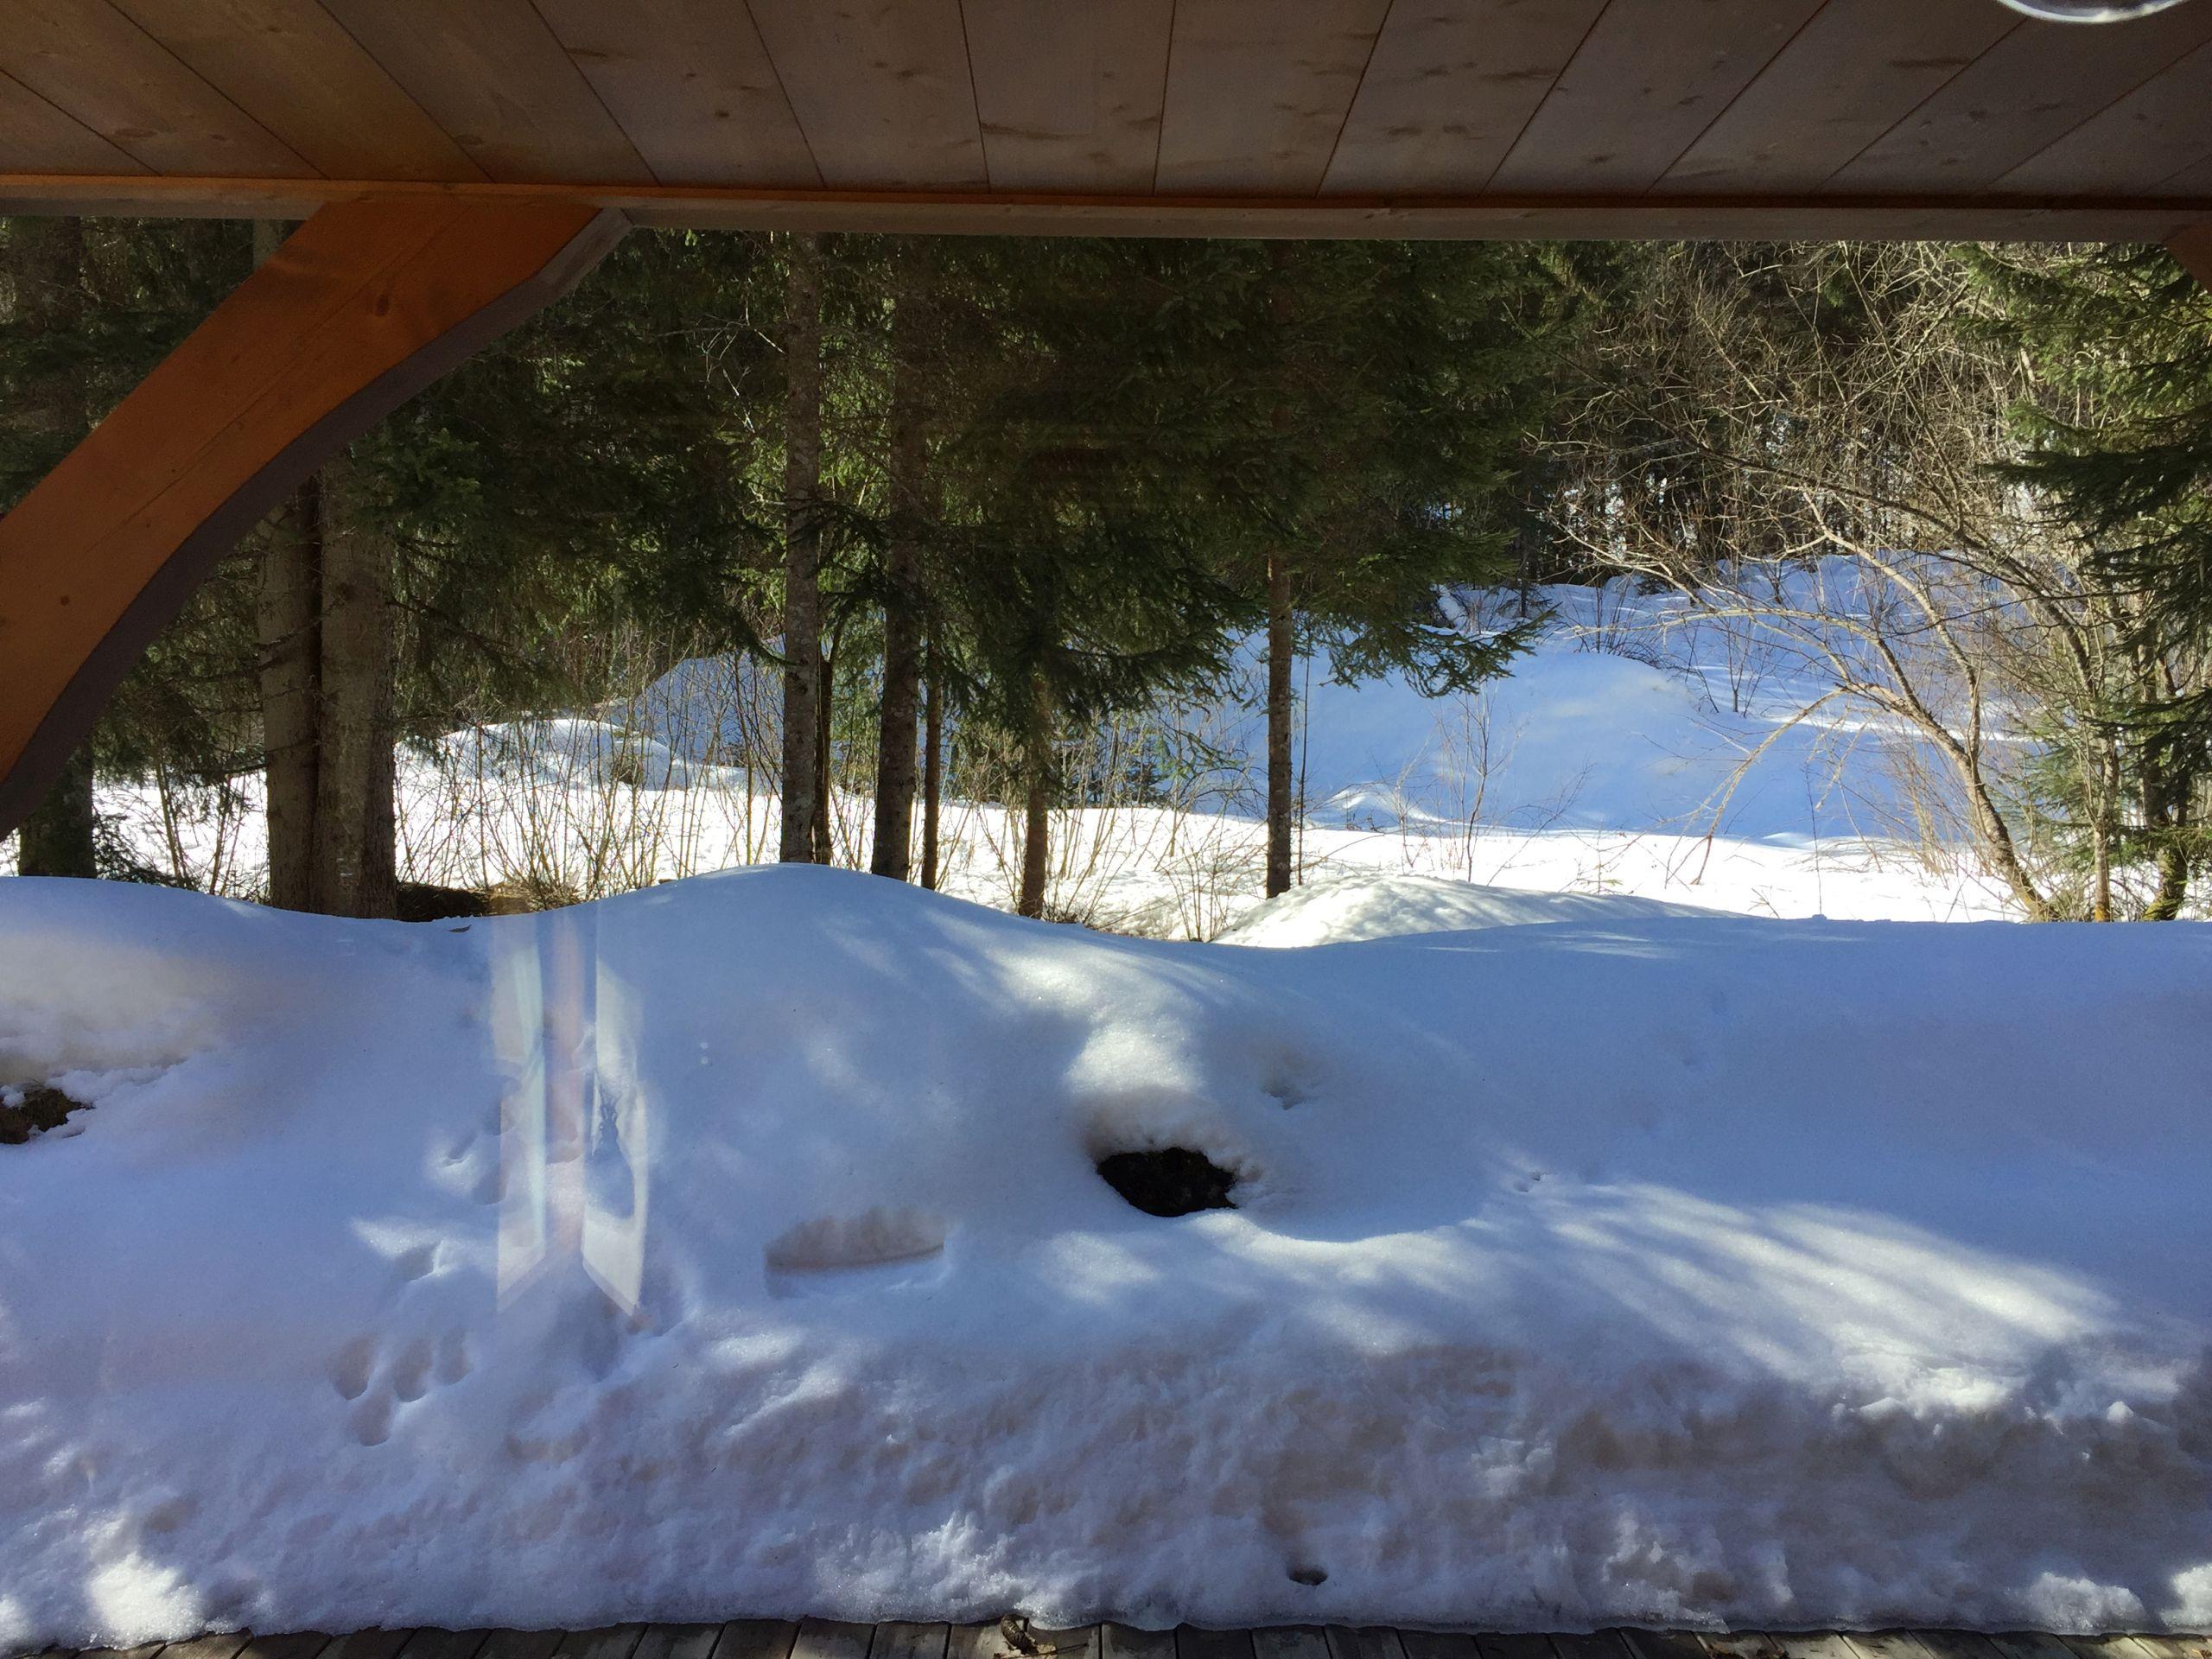 Outside - winter